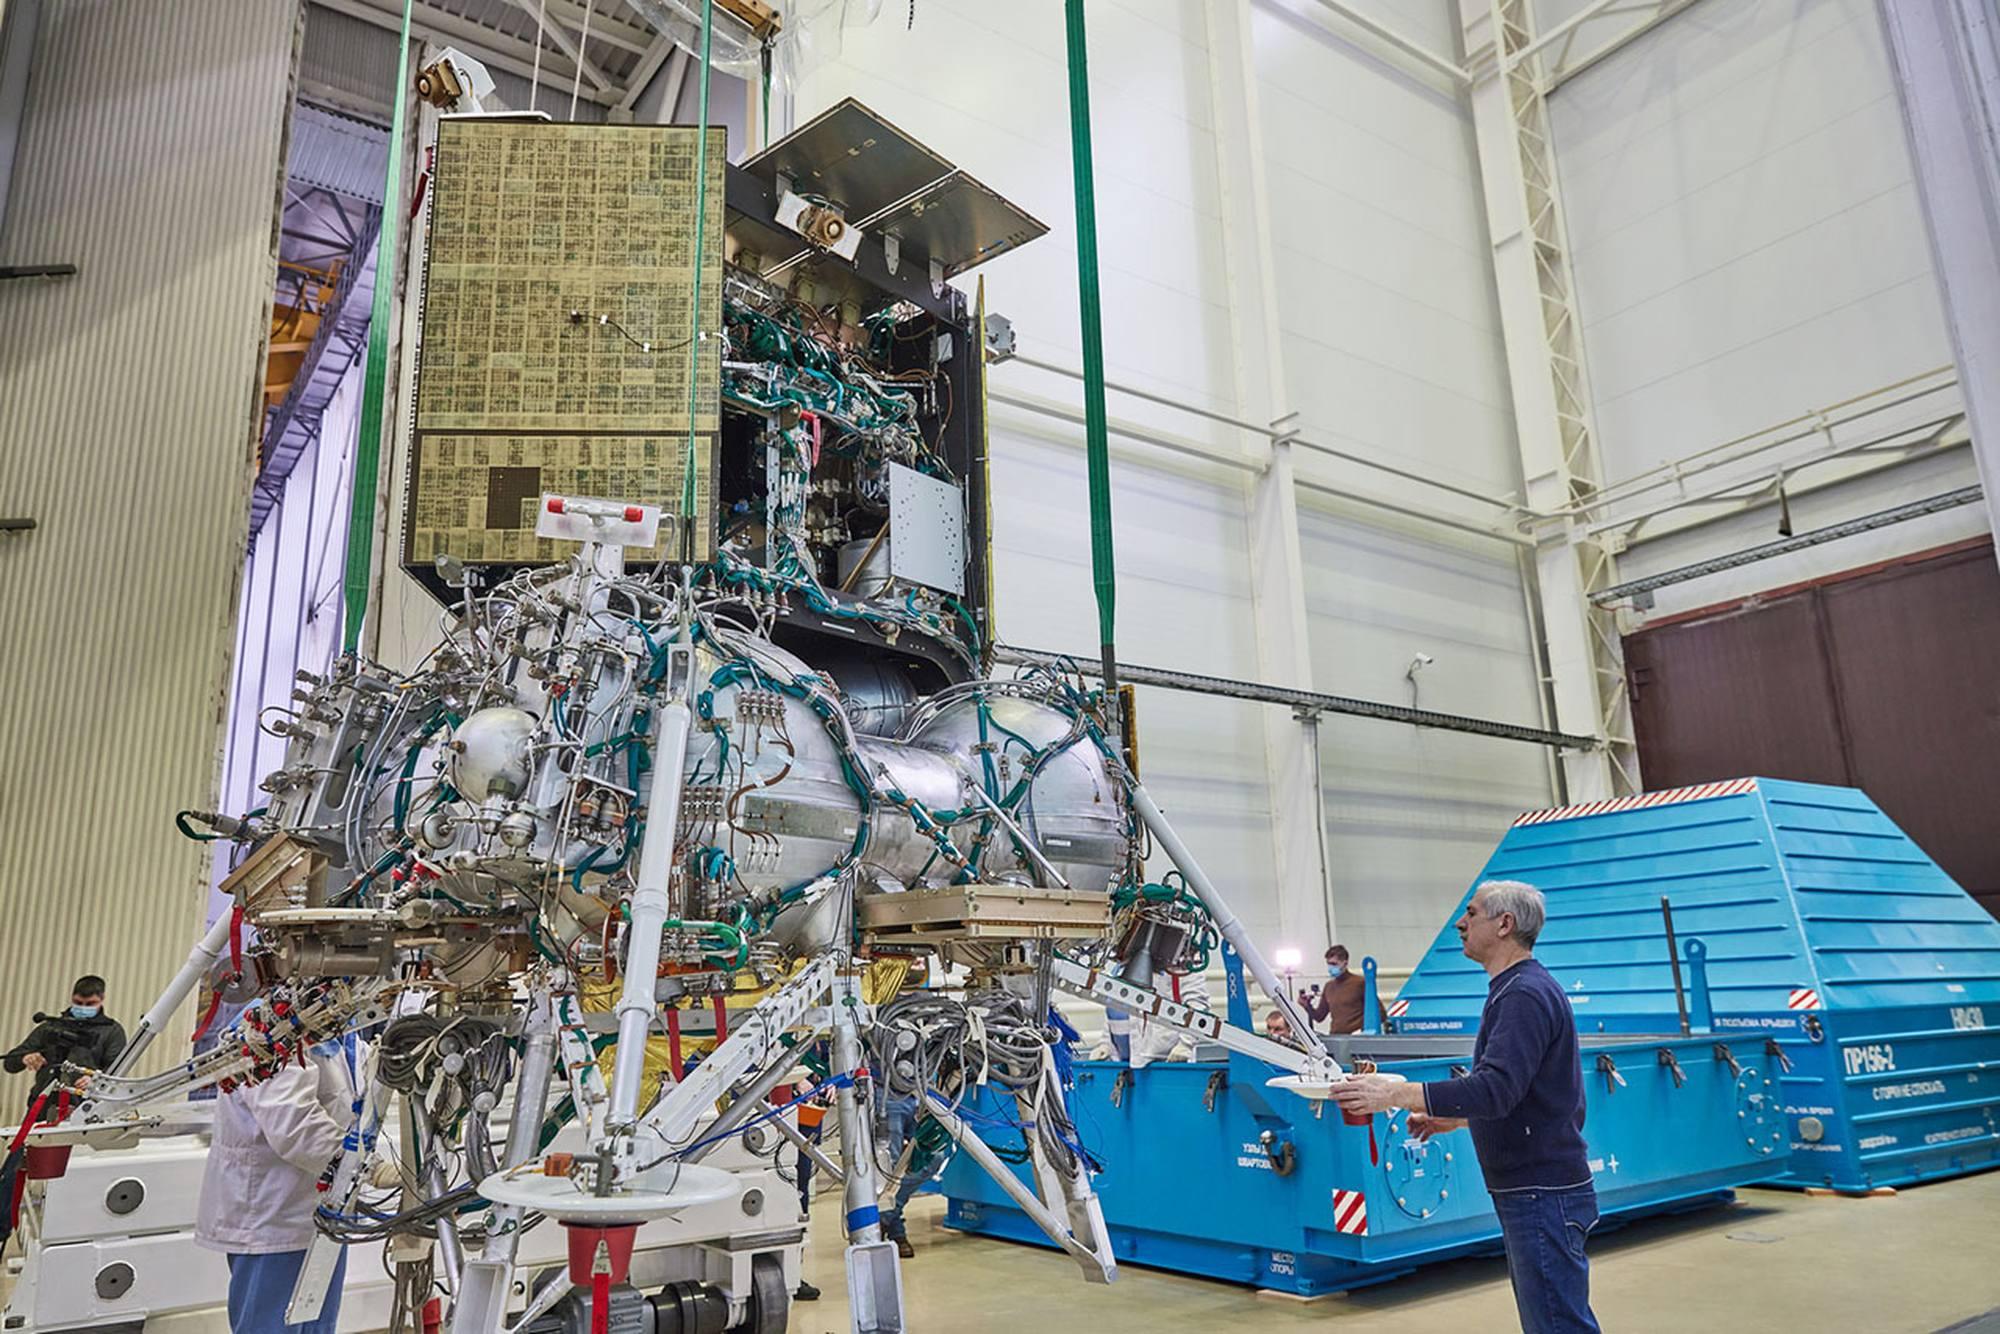 Luna-25 est déchargé dans son conteneur de transport et déposé sur un charriot.